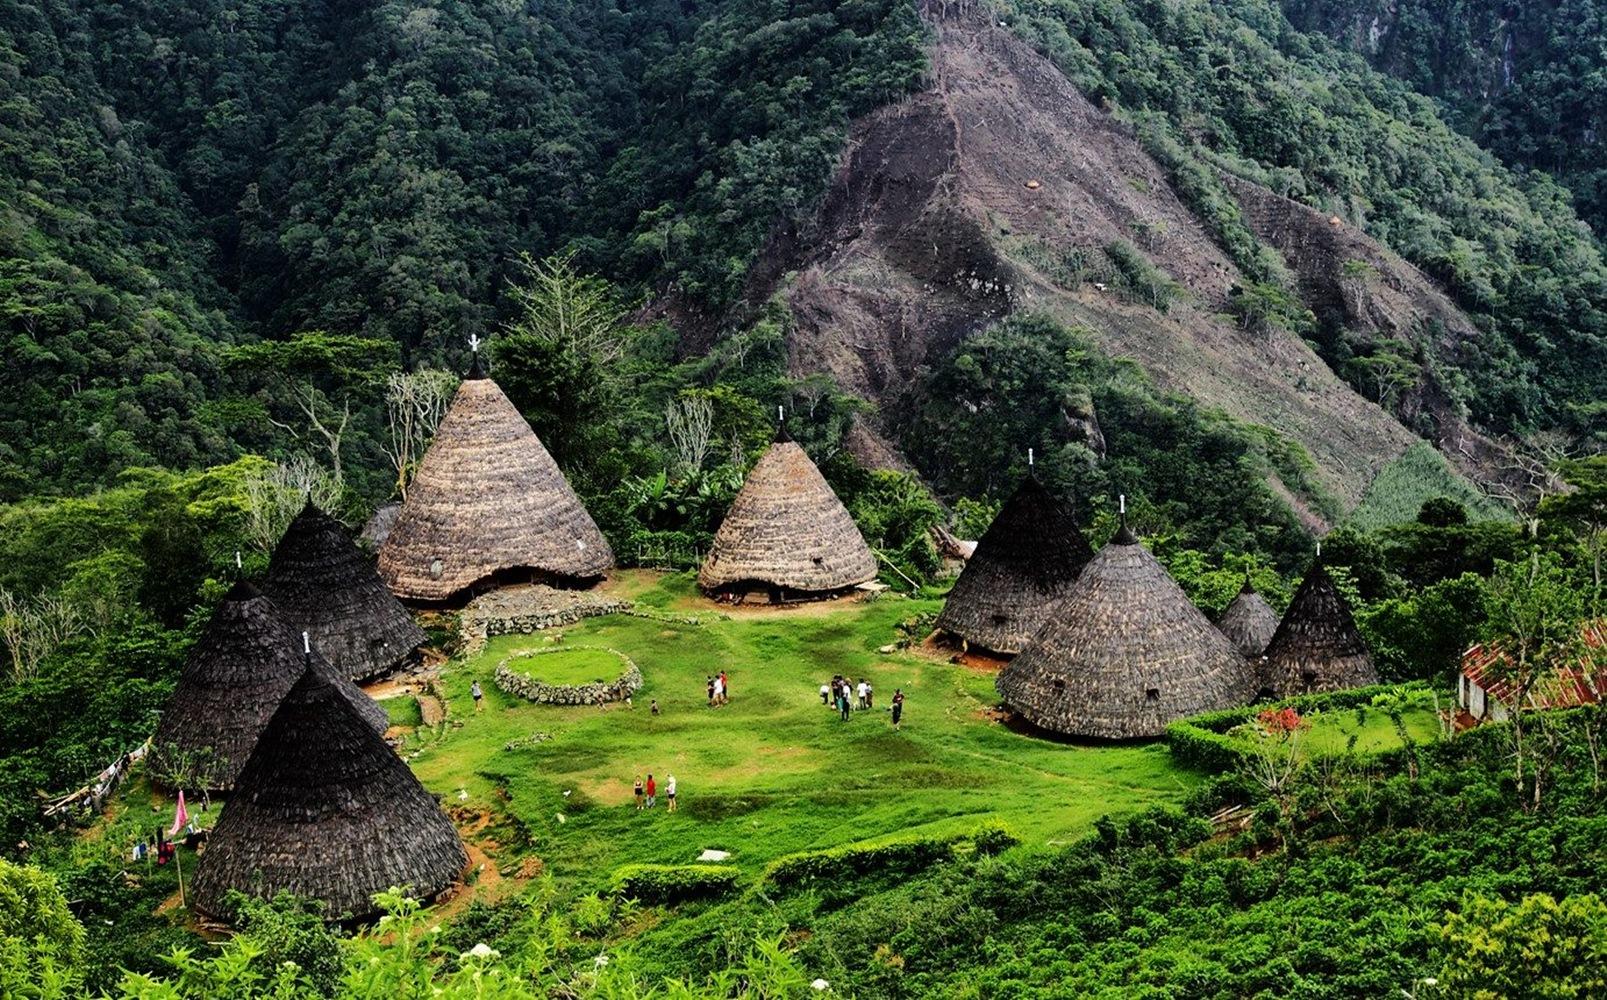 Menjadi Salah Satu Surga di Bumi, Kampung adat Wae Rebo Wajib Kamu Kunjungi 3